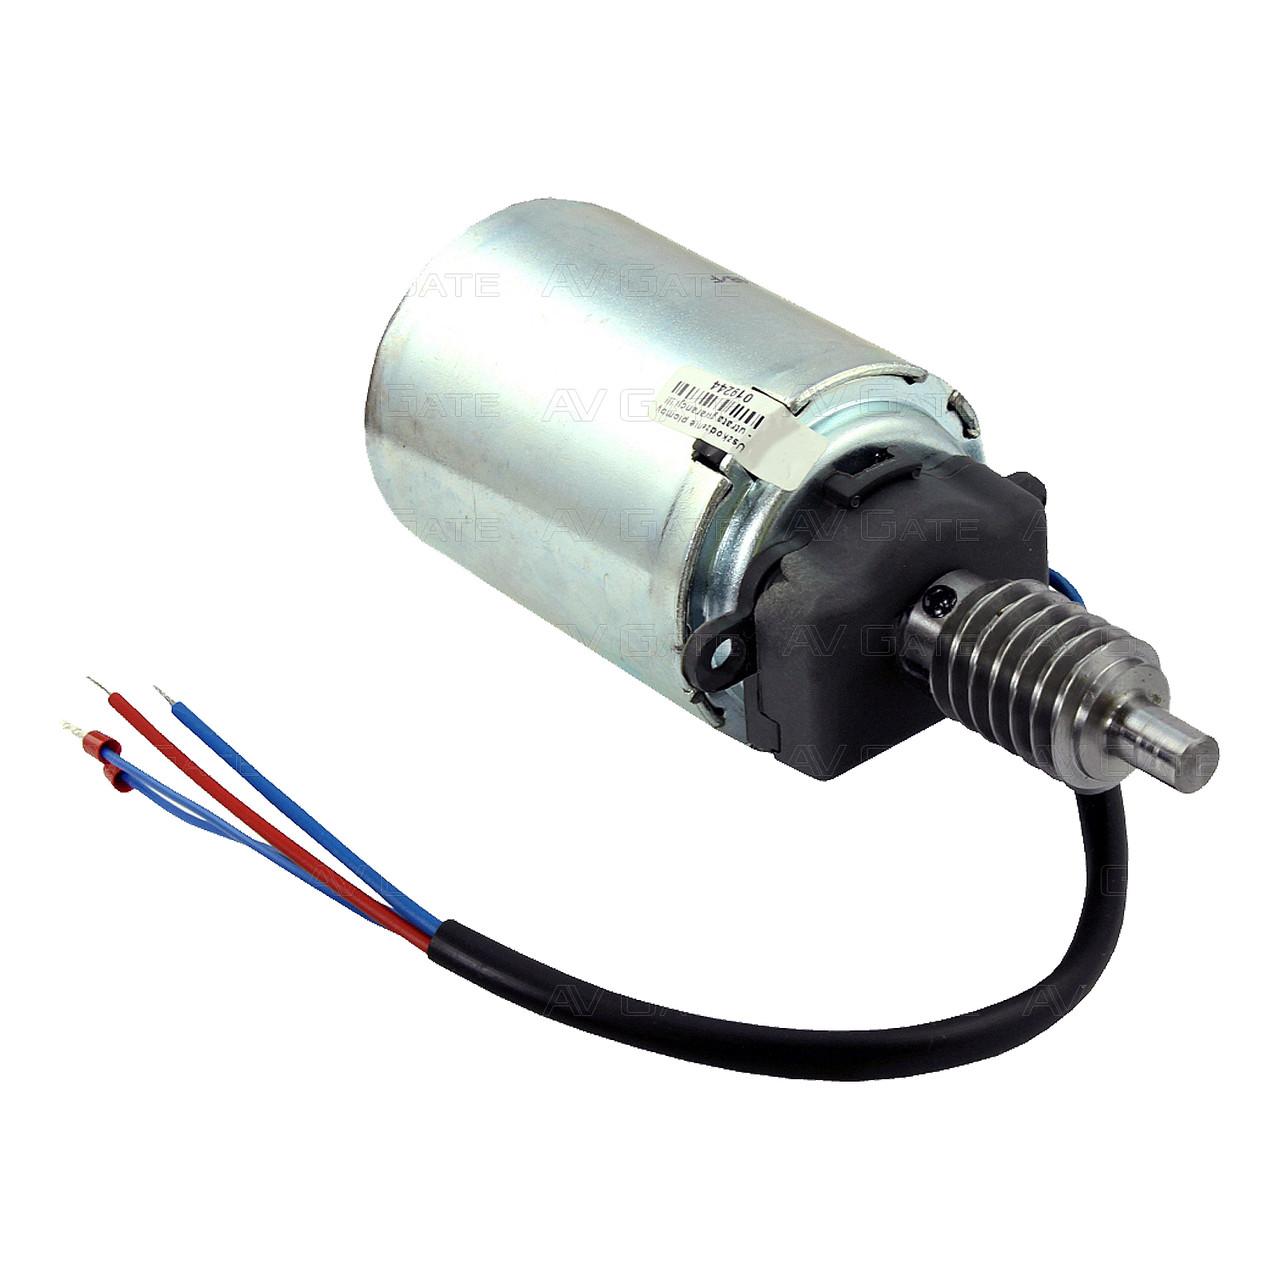 Електродвигун TO4024 / TO5024 Nice SPMTG08500